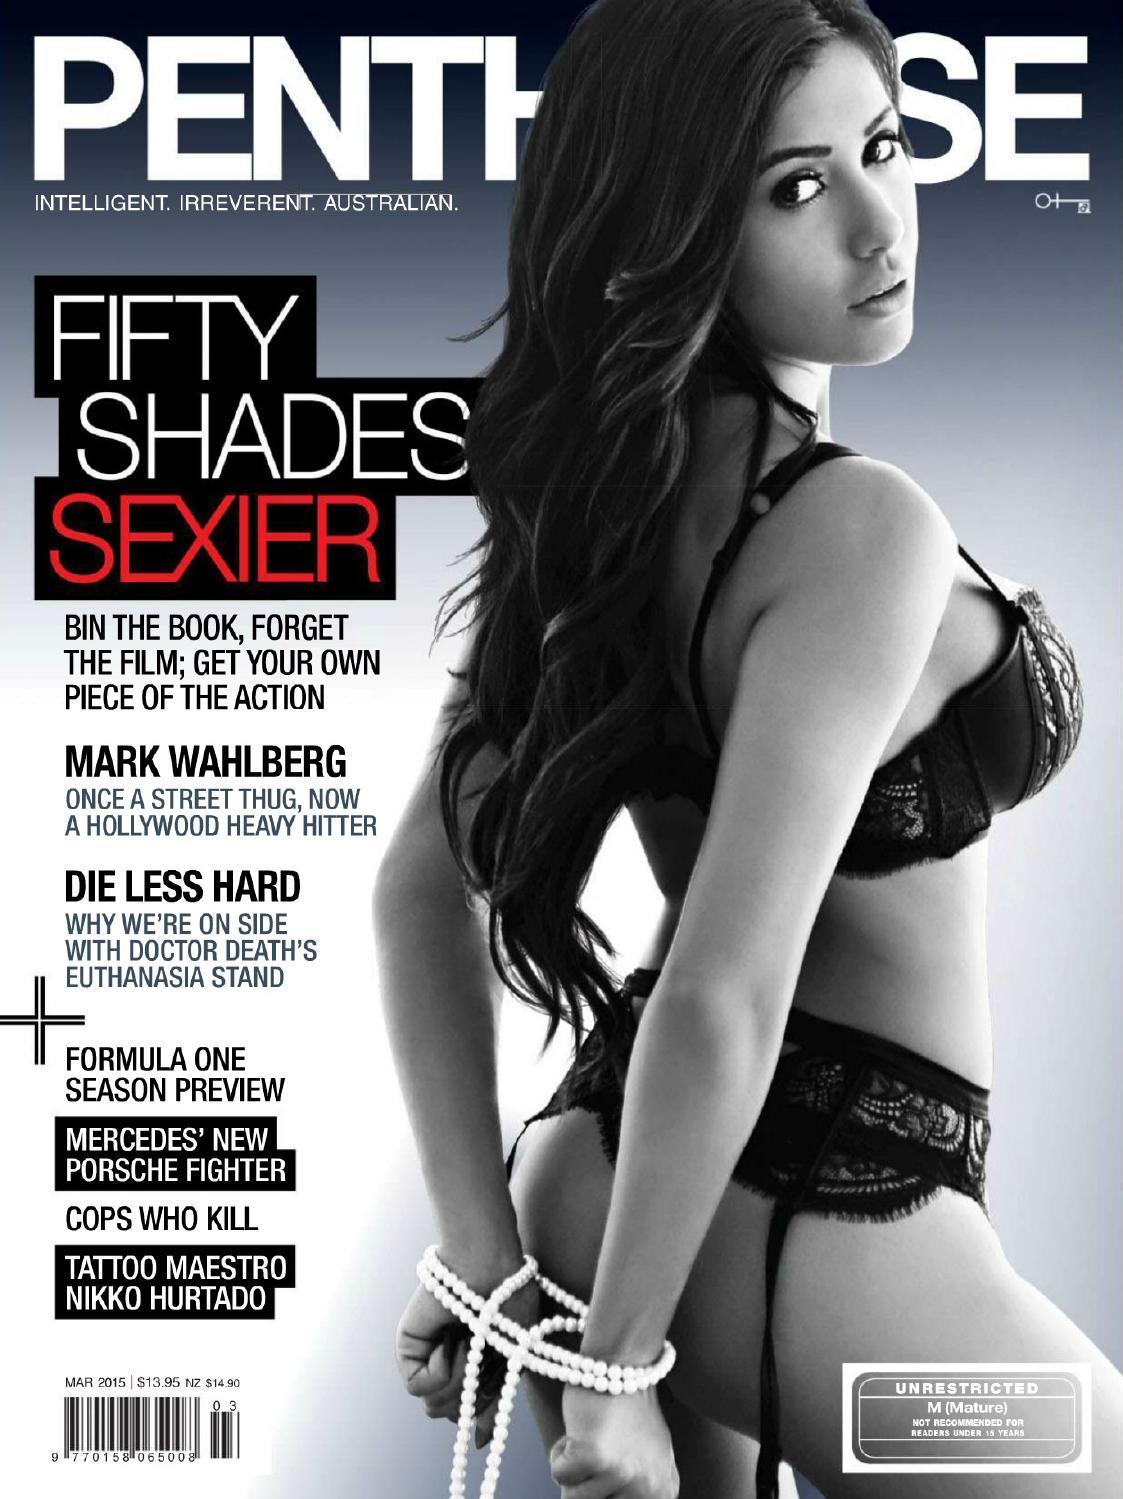 Смотреть эротический журнал пентхаус онлайн 14 фотография